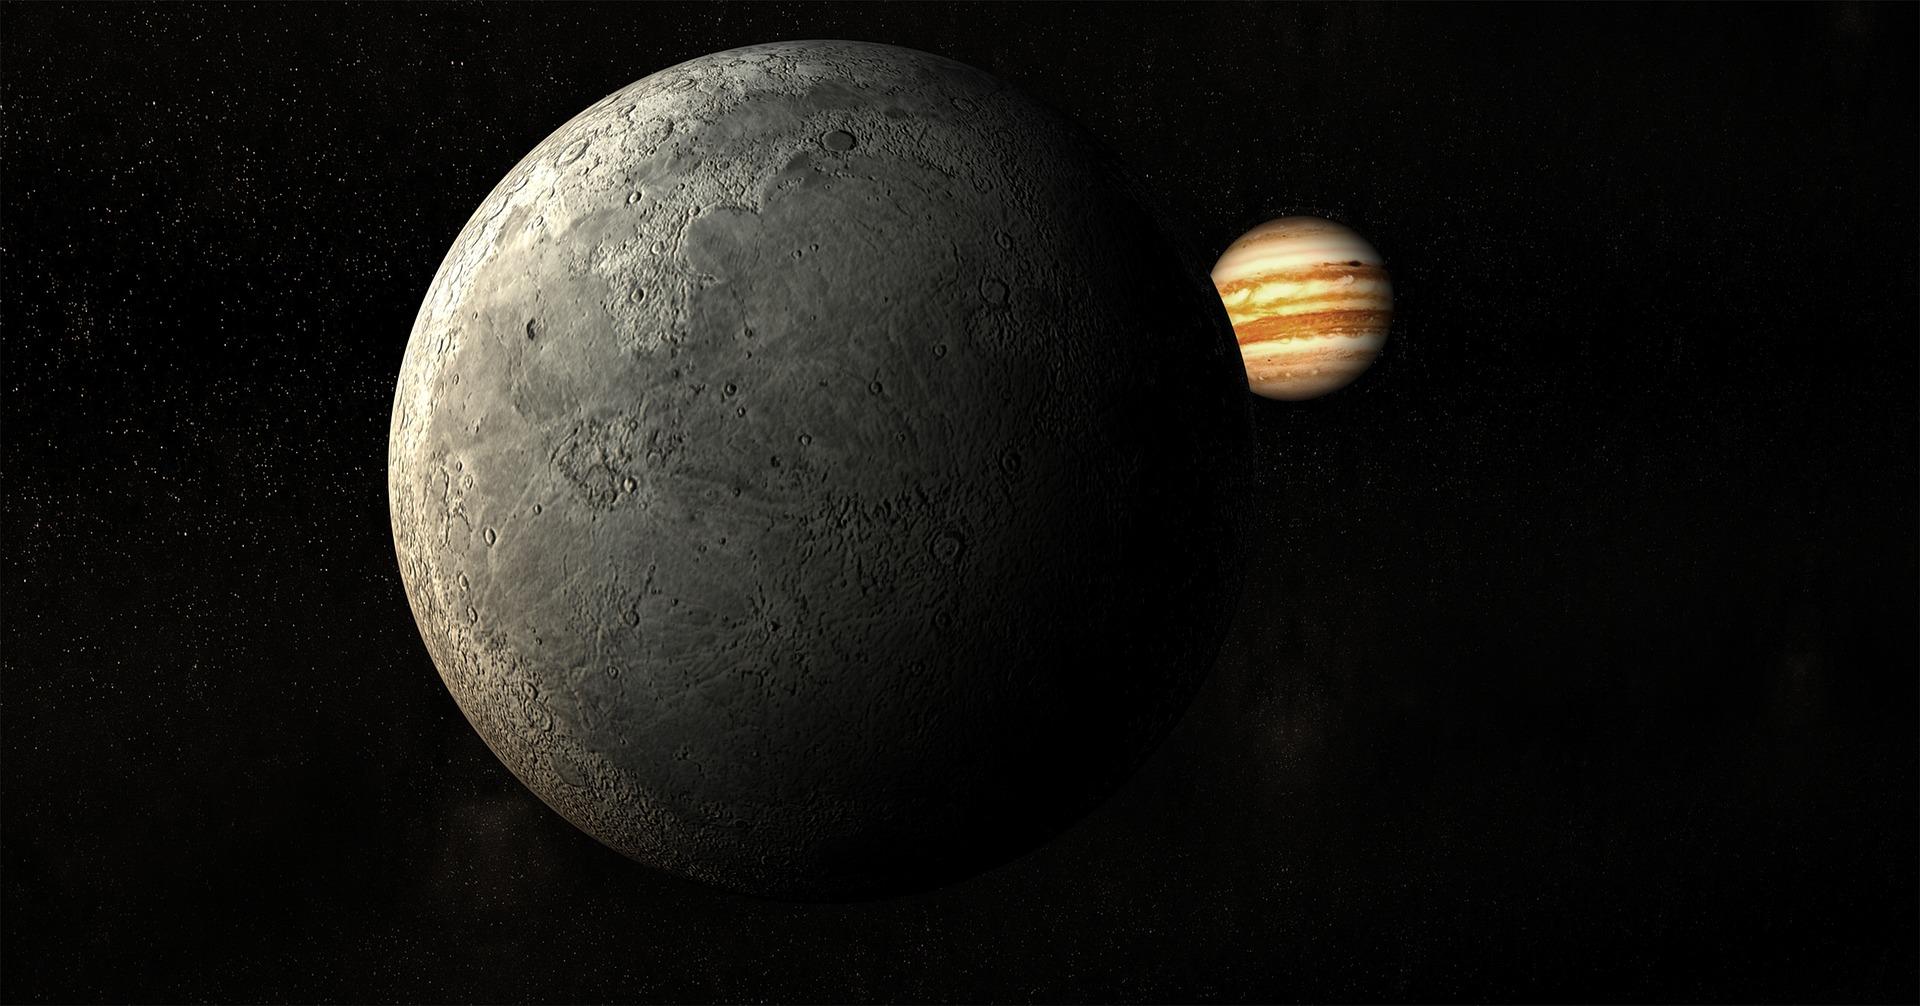 moon-1817885_1920.jpg